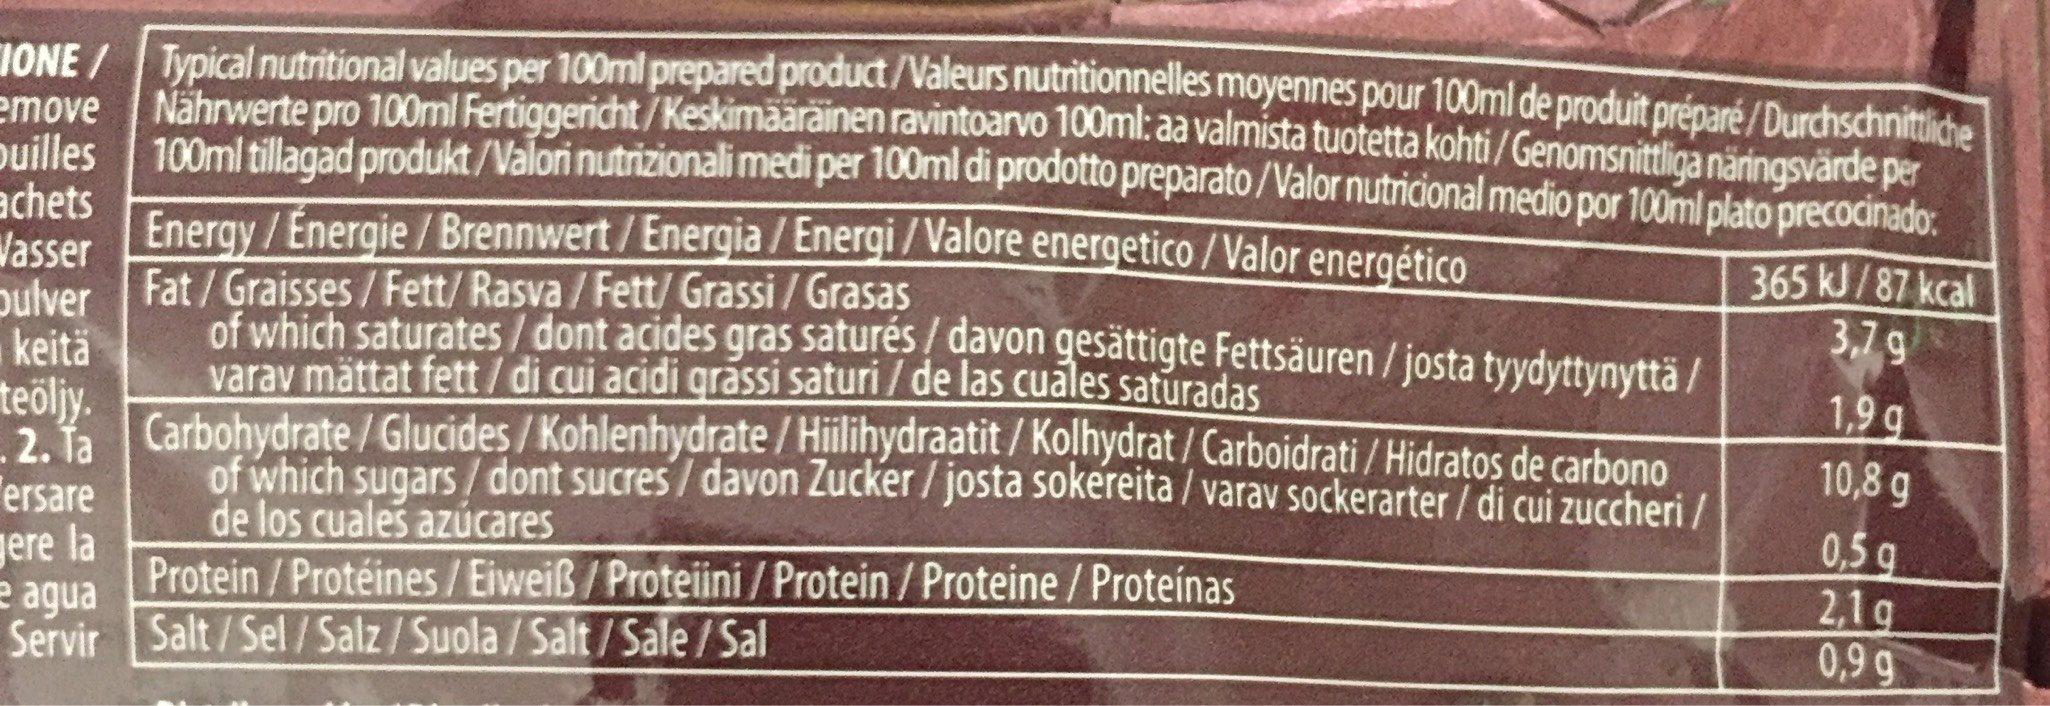 Demae Ramen Bœuf - Nutrition facts - fr